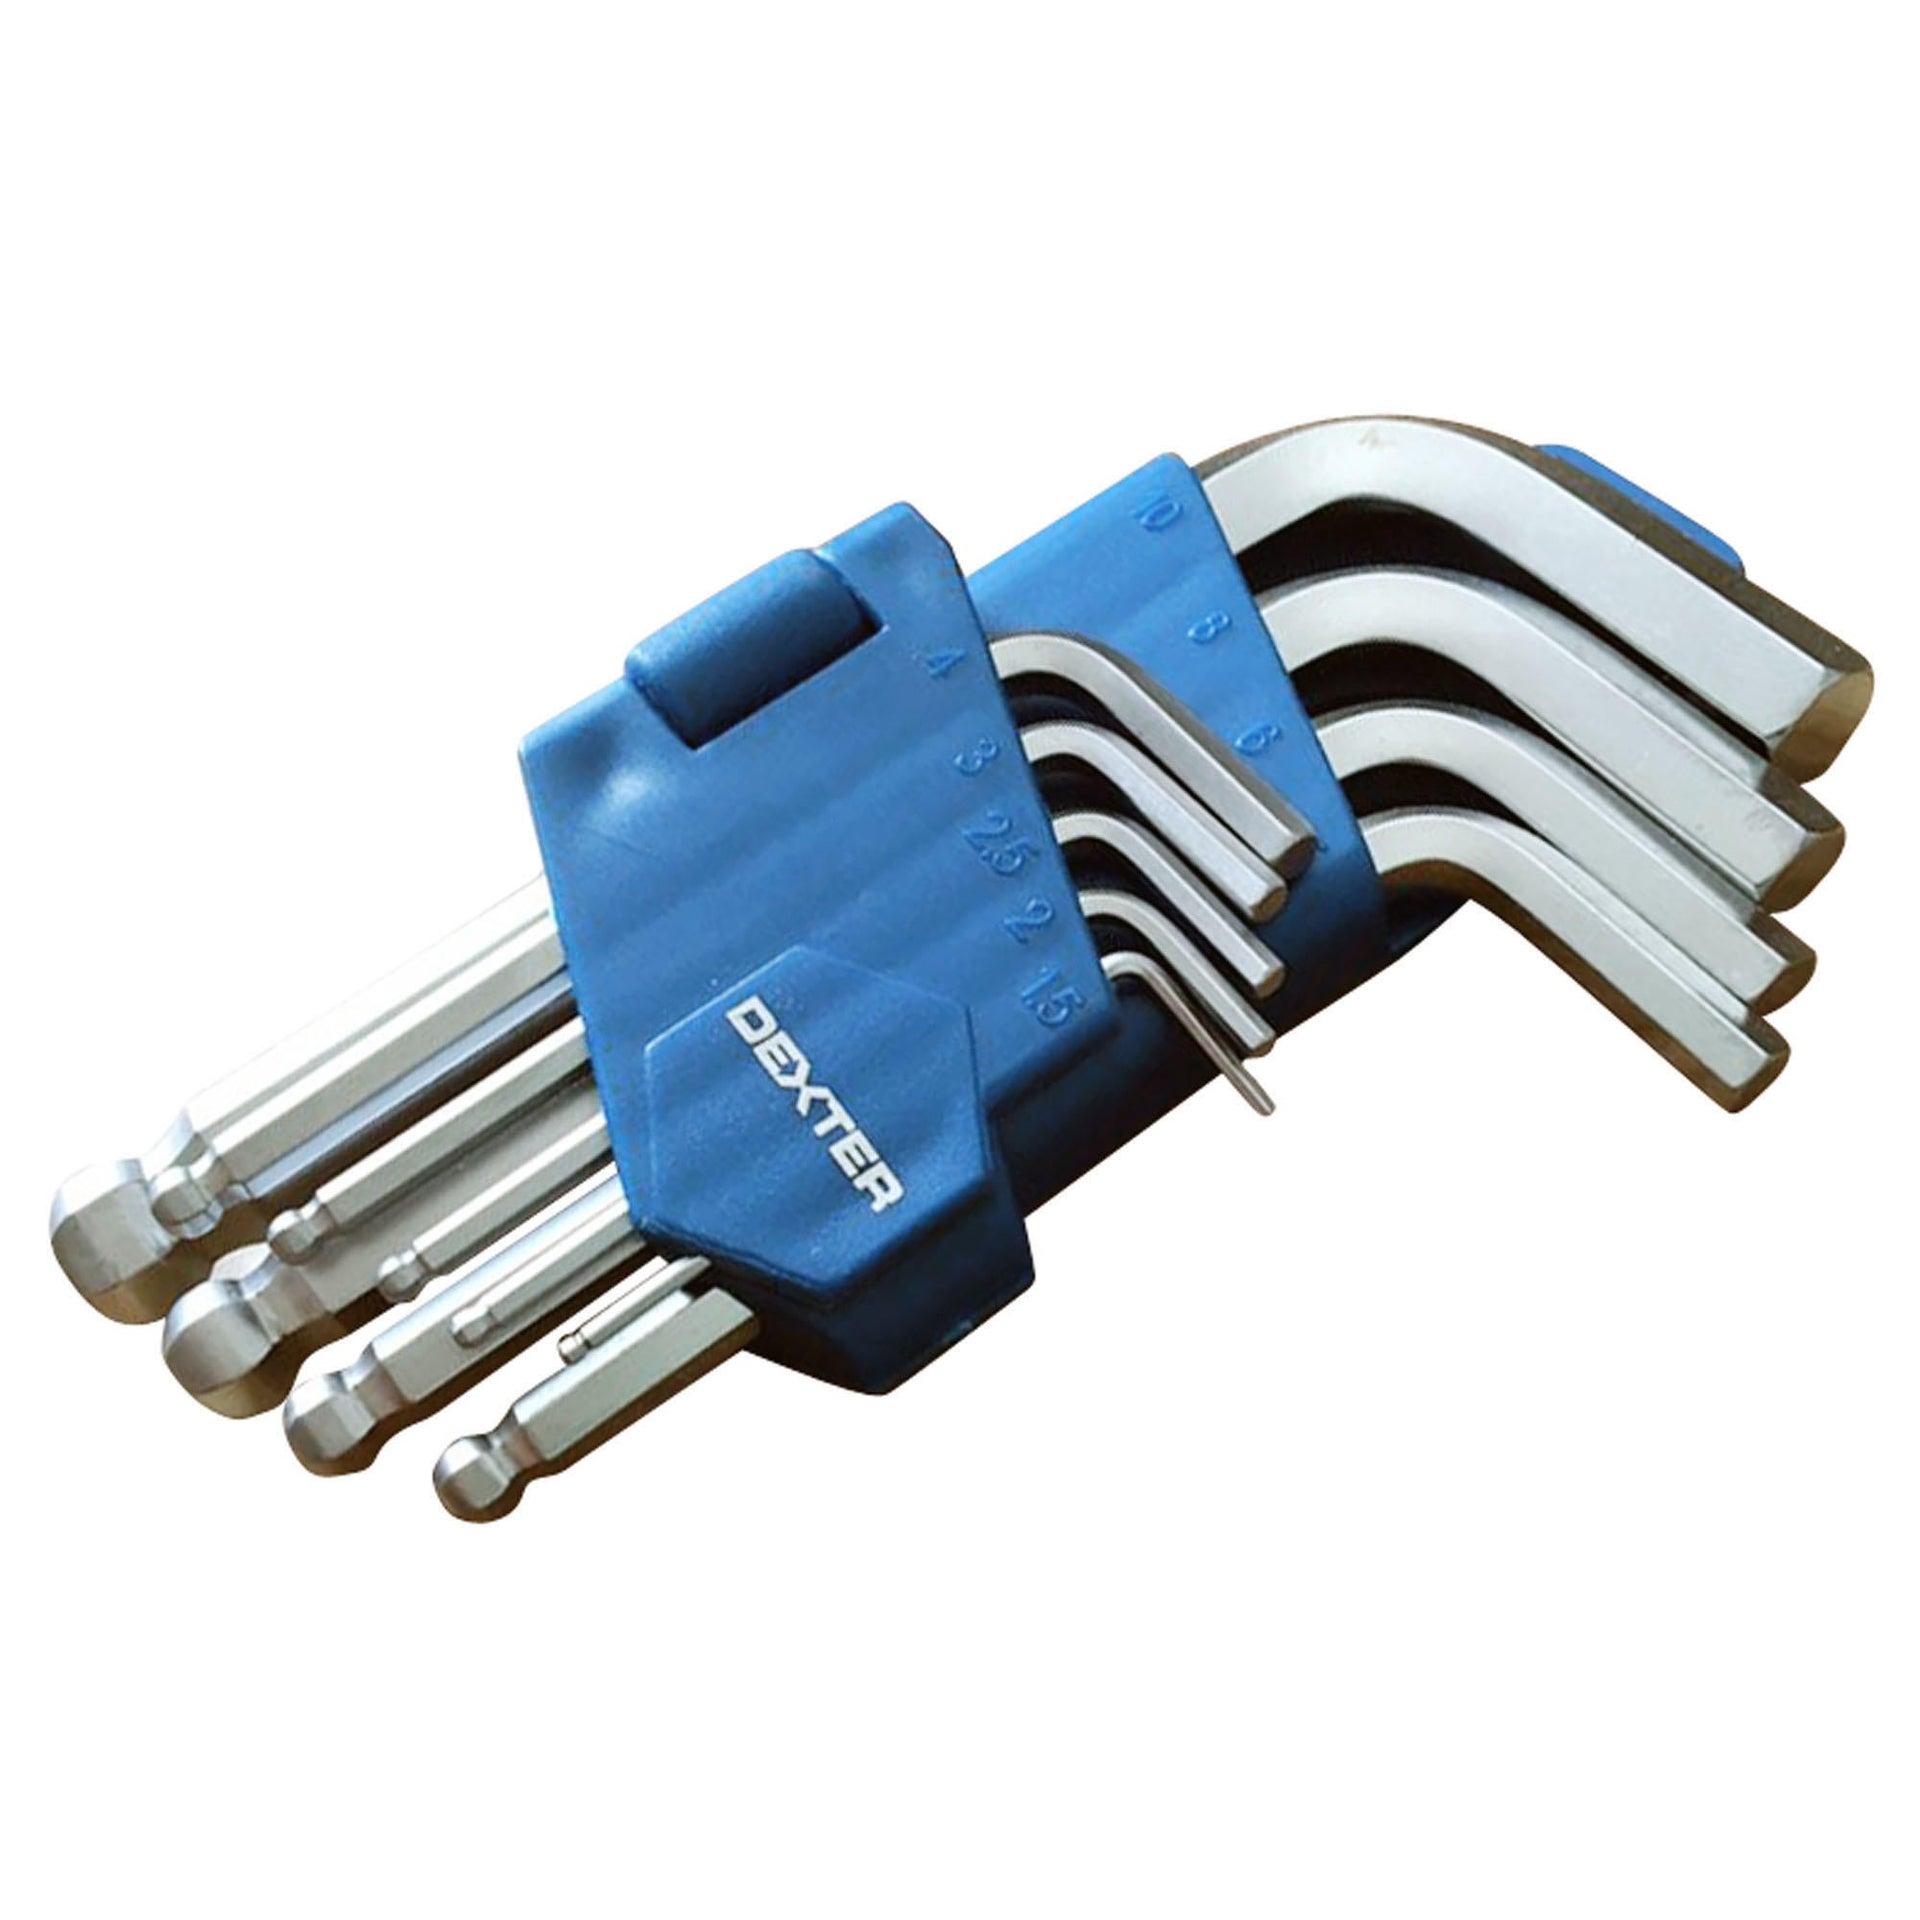 Set di chiave a brugola DEXTER 9 pezzi - 3